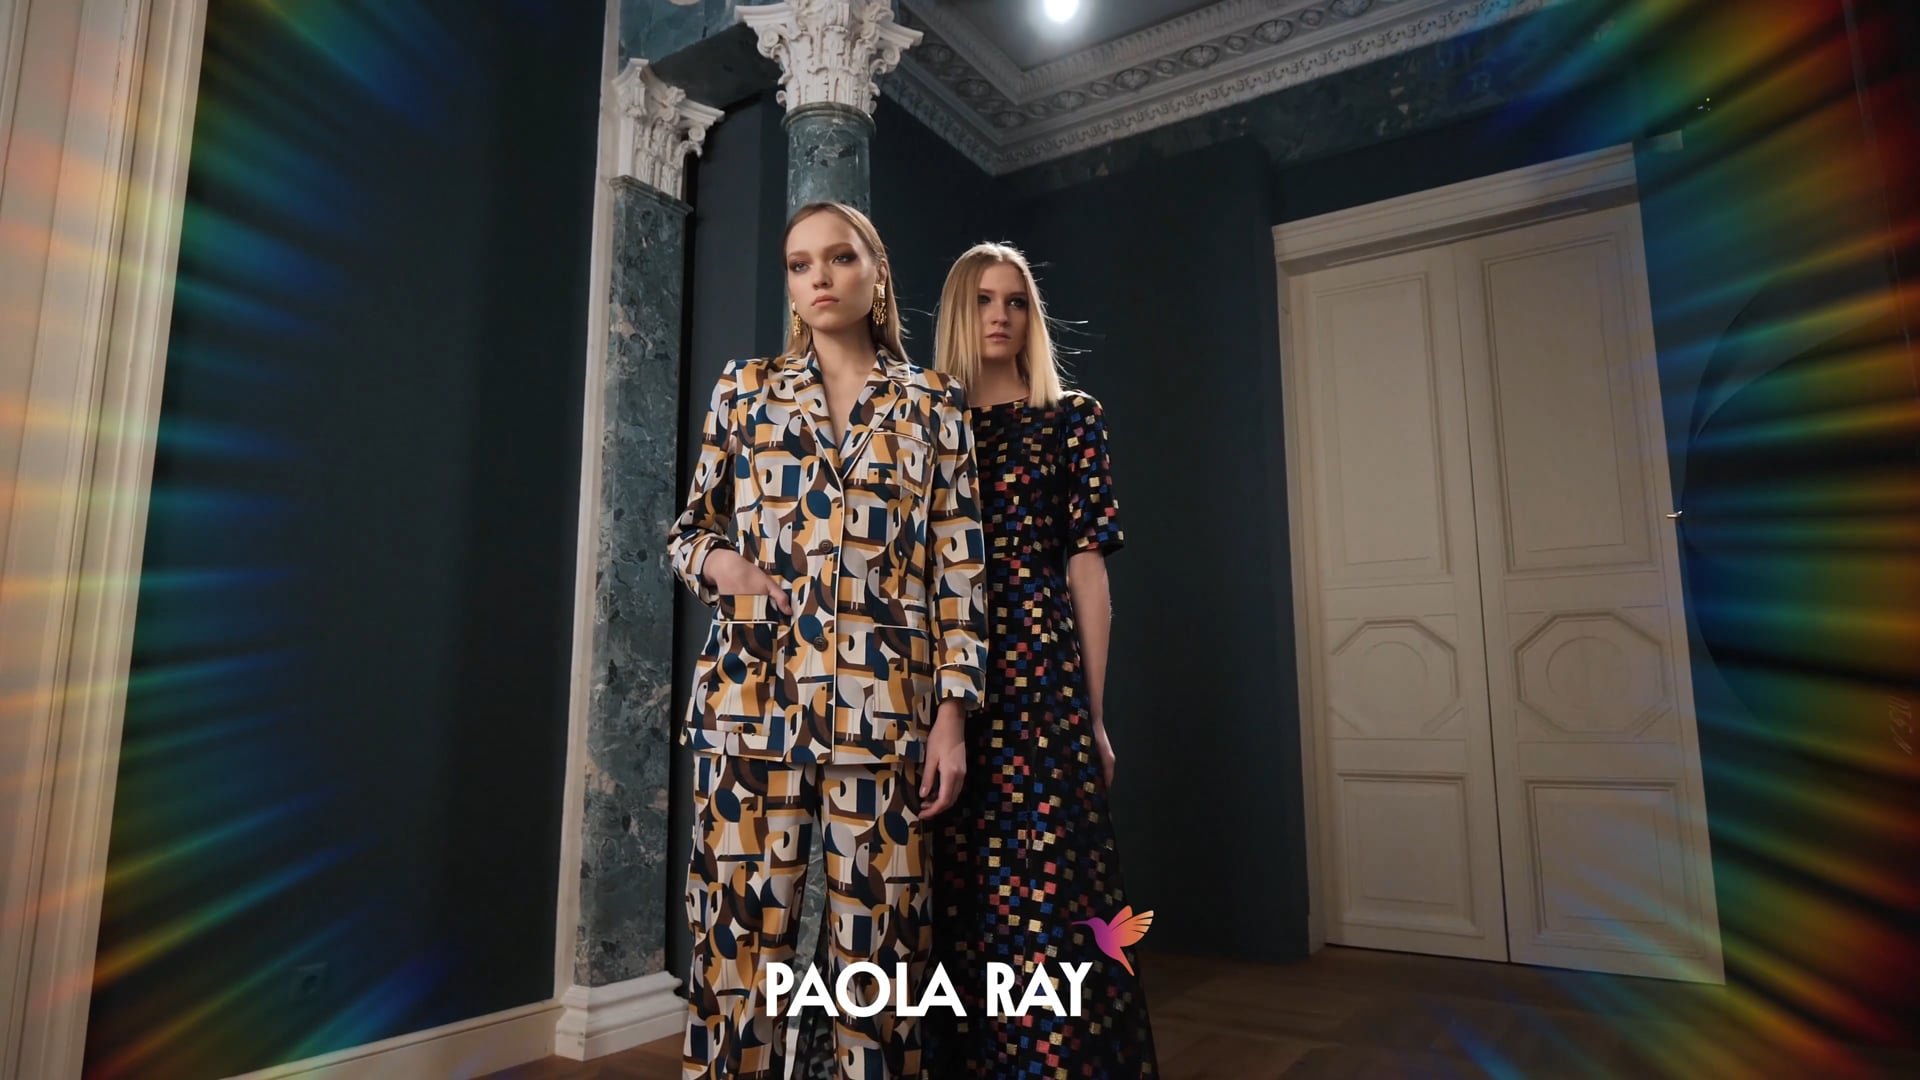 Paola Ray lookbook